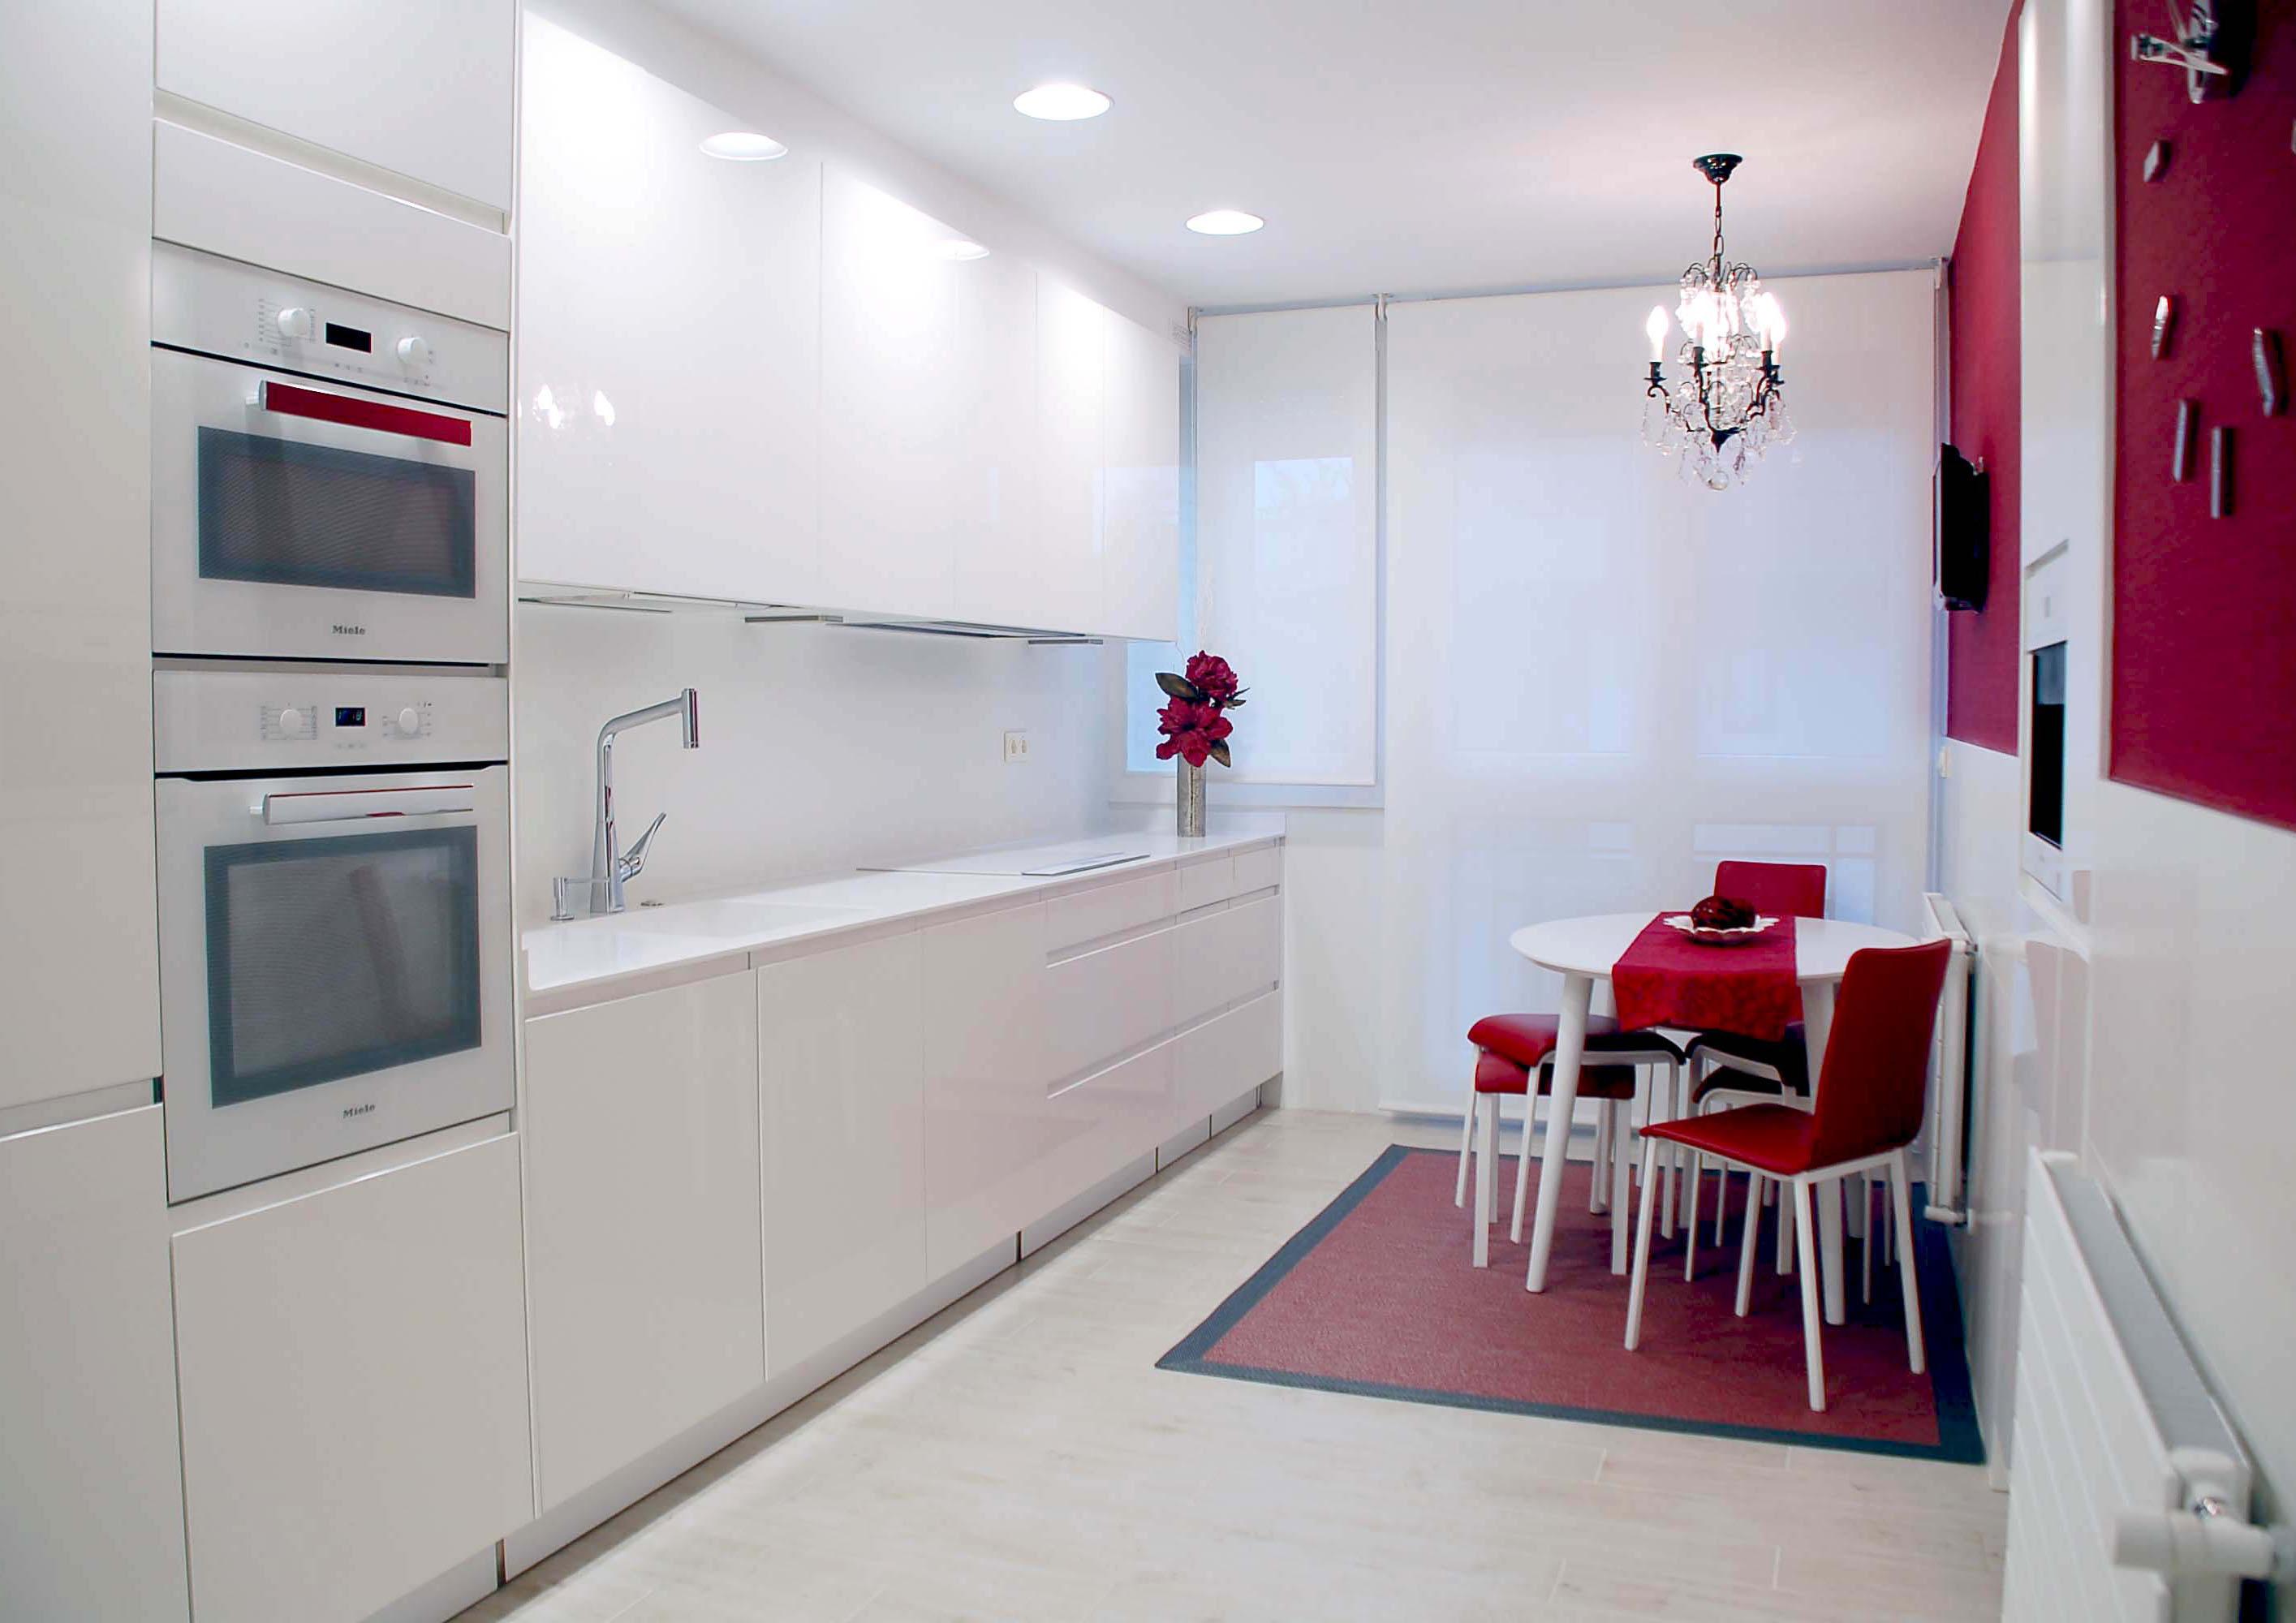 Bienvenidos a dg muebles cocinas i mobiliario de hogar y for Cocinas blancas con electrodomesticos blancos